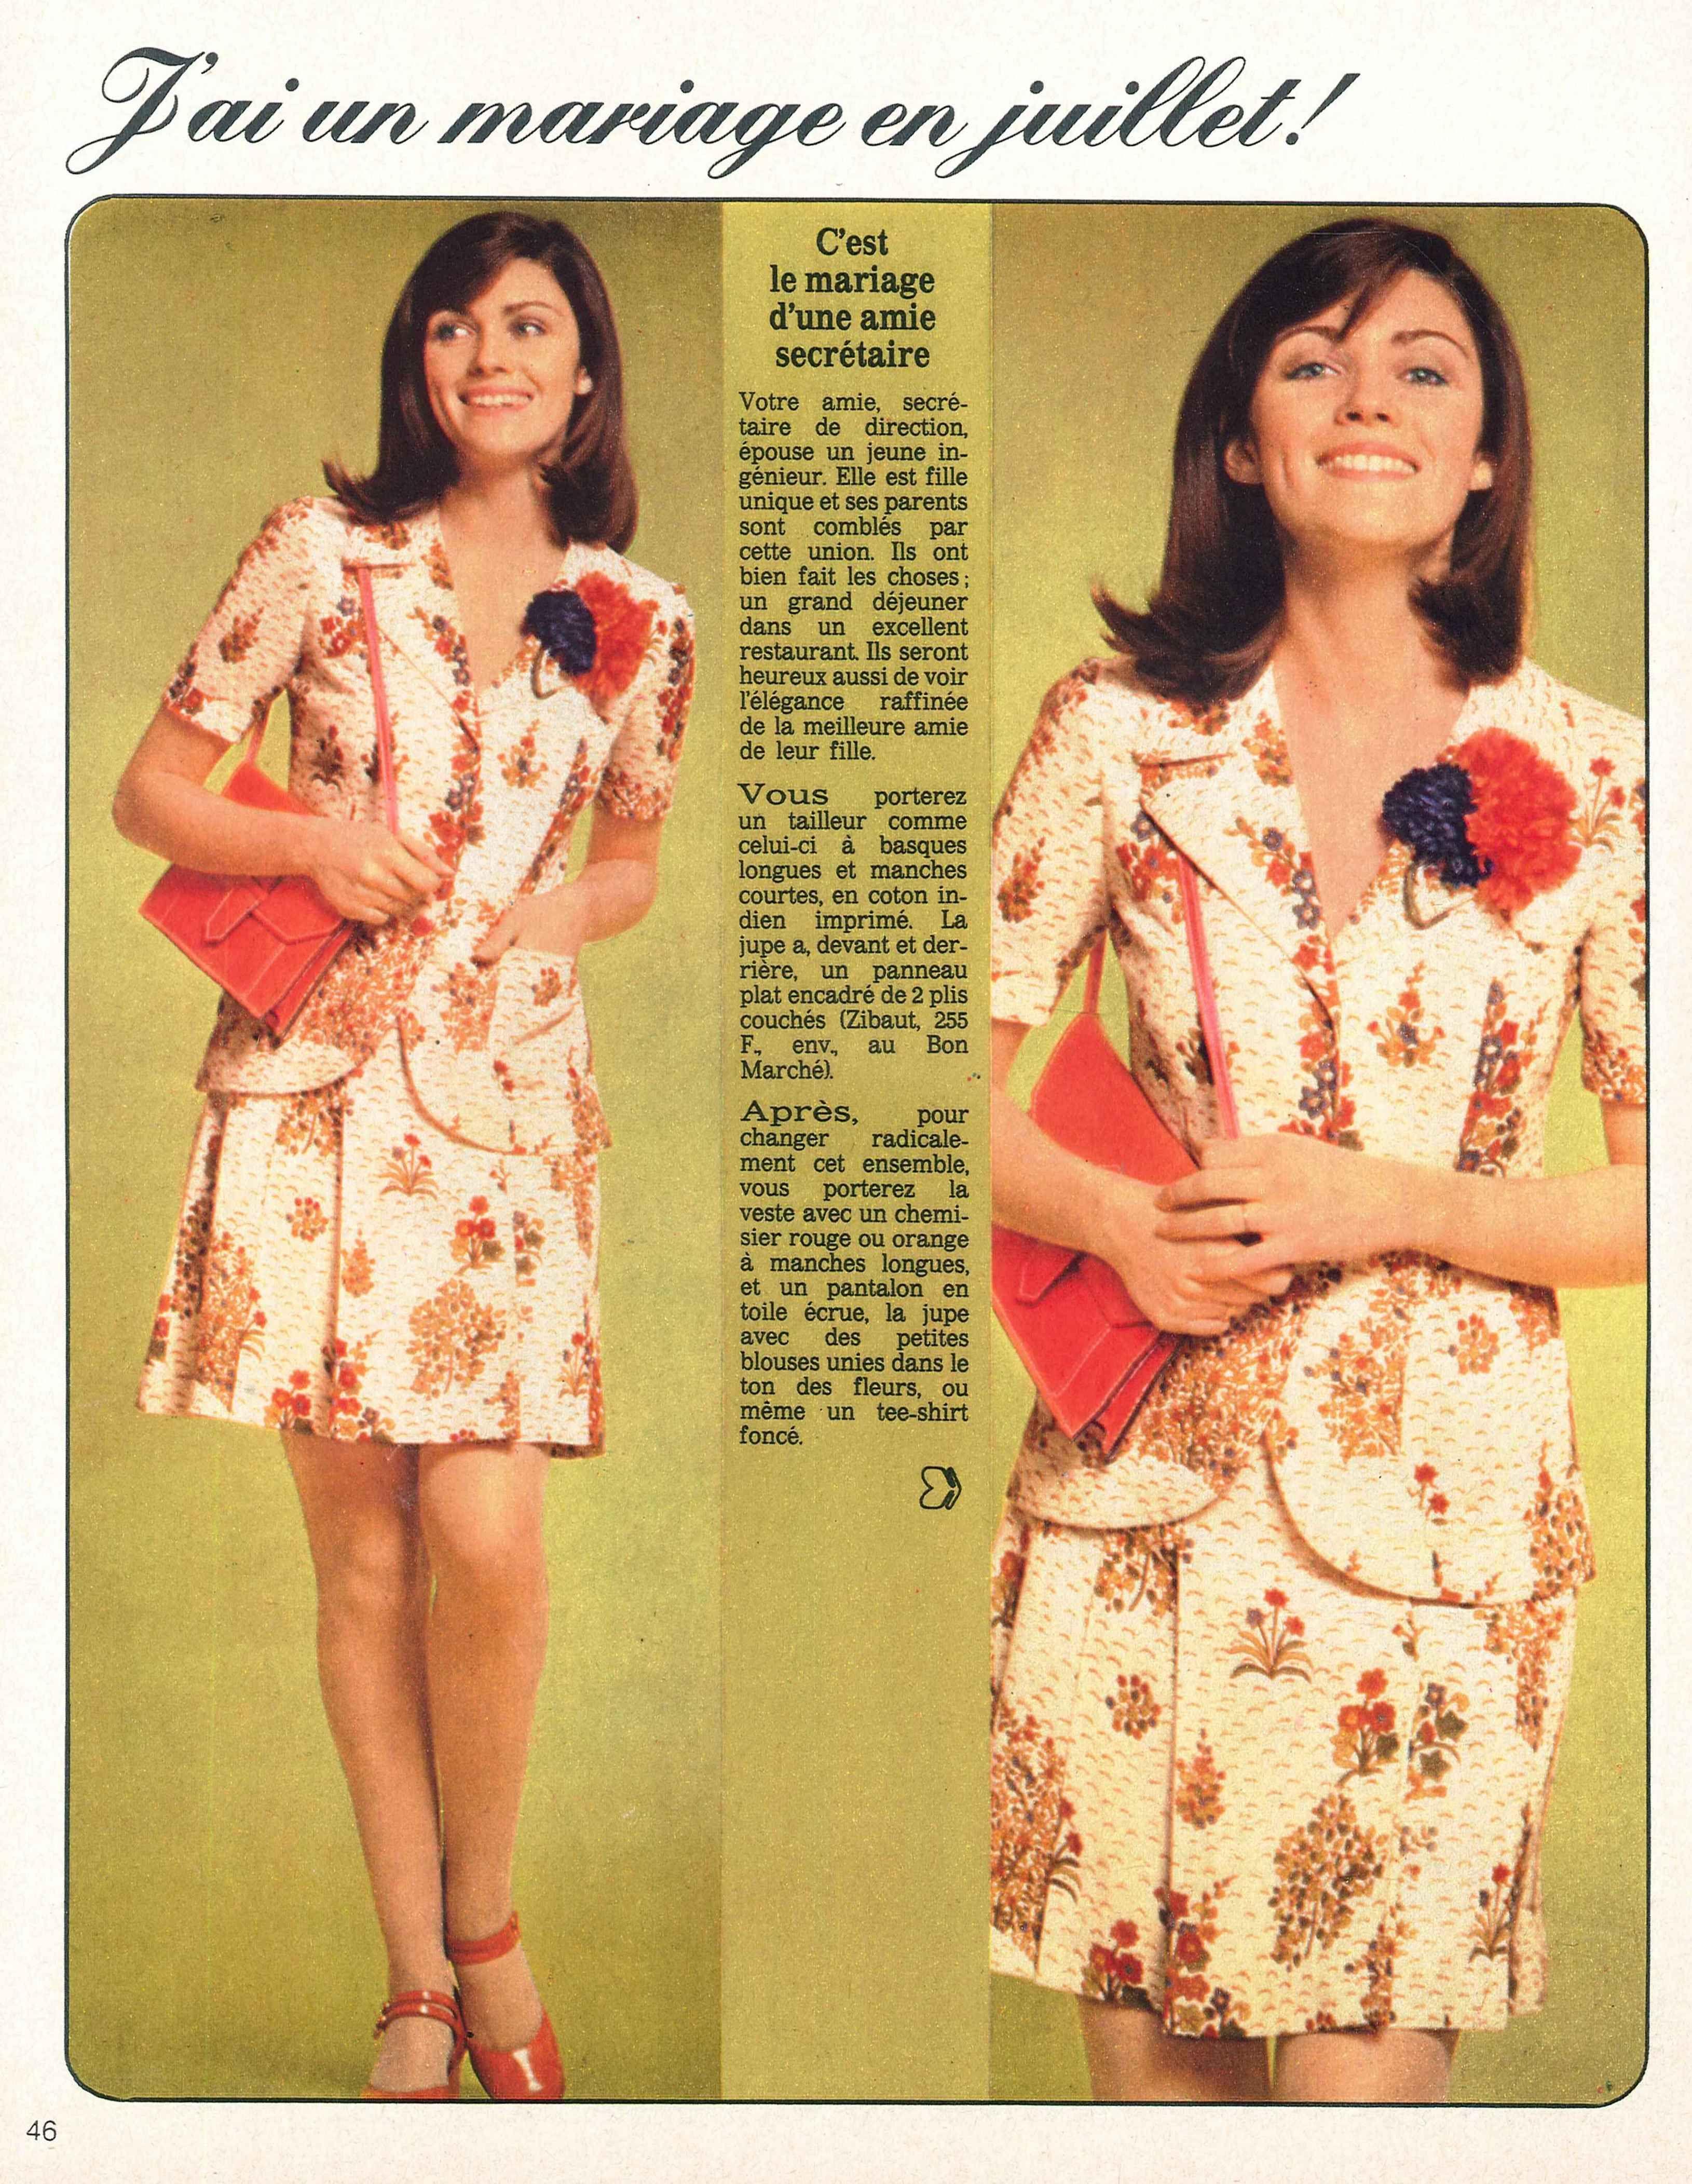 """""""Votre amie secrétaire, épouse un ingénieur ?"""" Ciel, que porter au mariage ?! Echo de la #Mode 05/05/1972"""